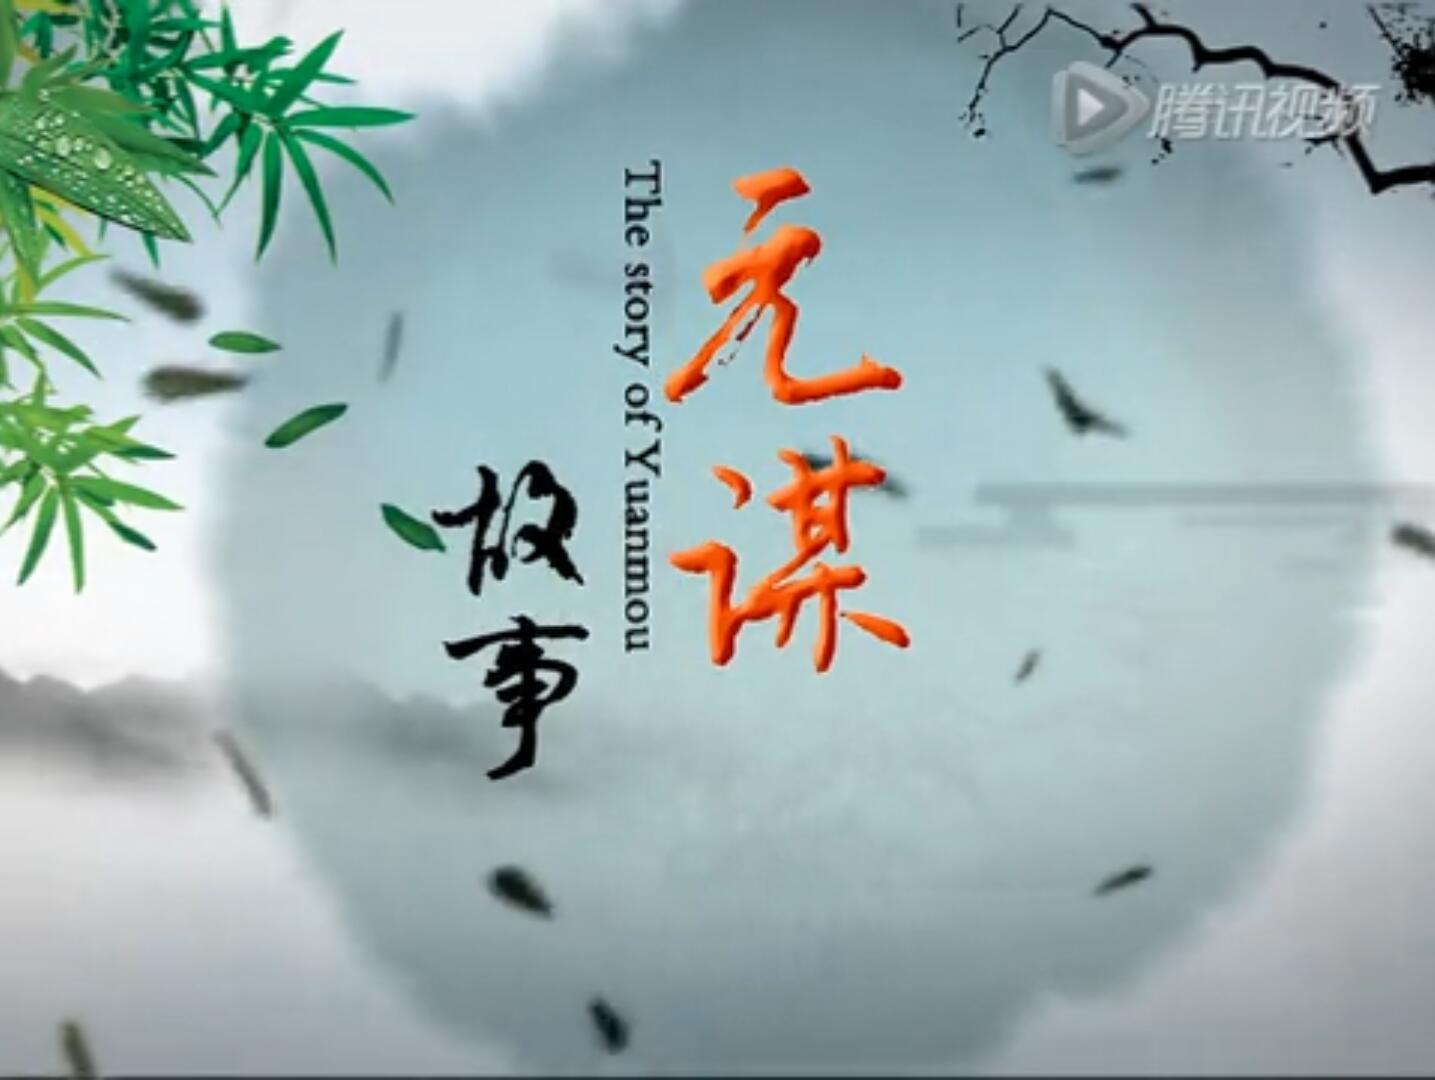 【元谋故事第七期】为梦远航的孩子王